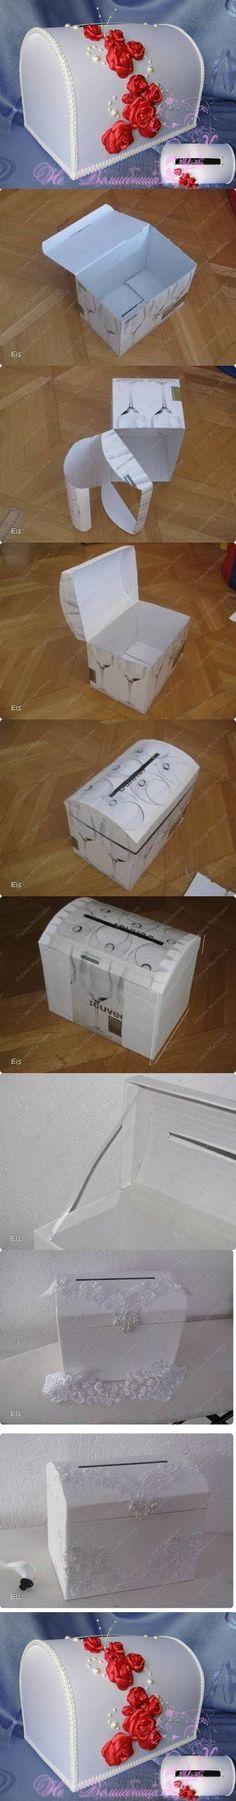 Caixa de Cartão // DIY Cardboard Box Art